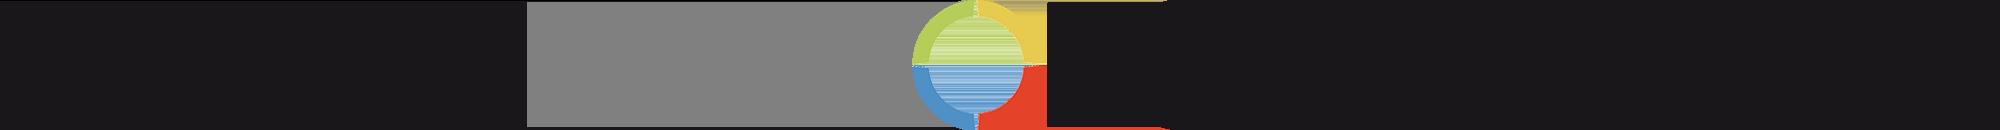 slideshow-delmoform-logo